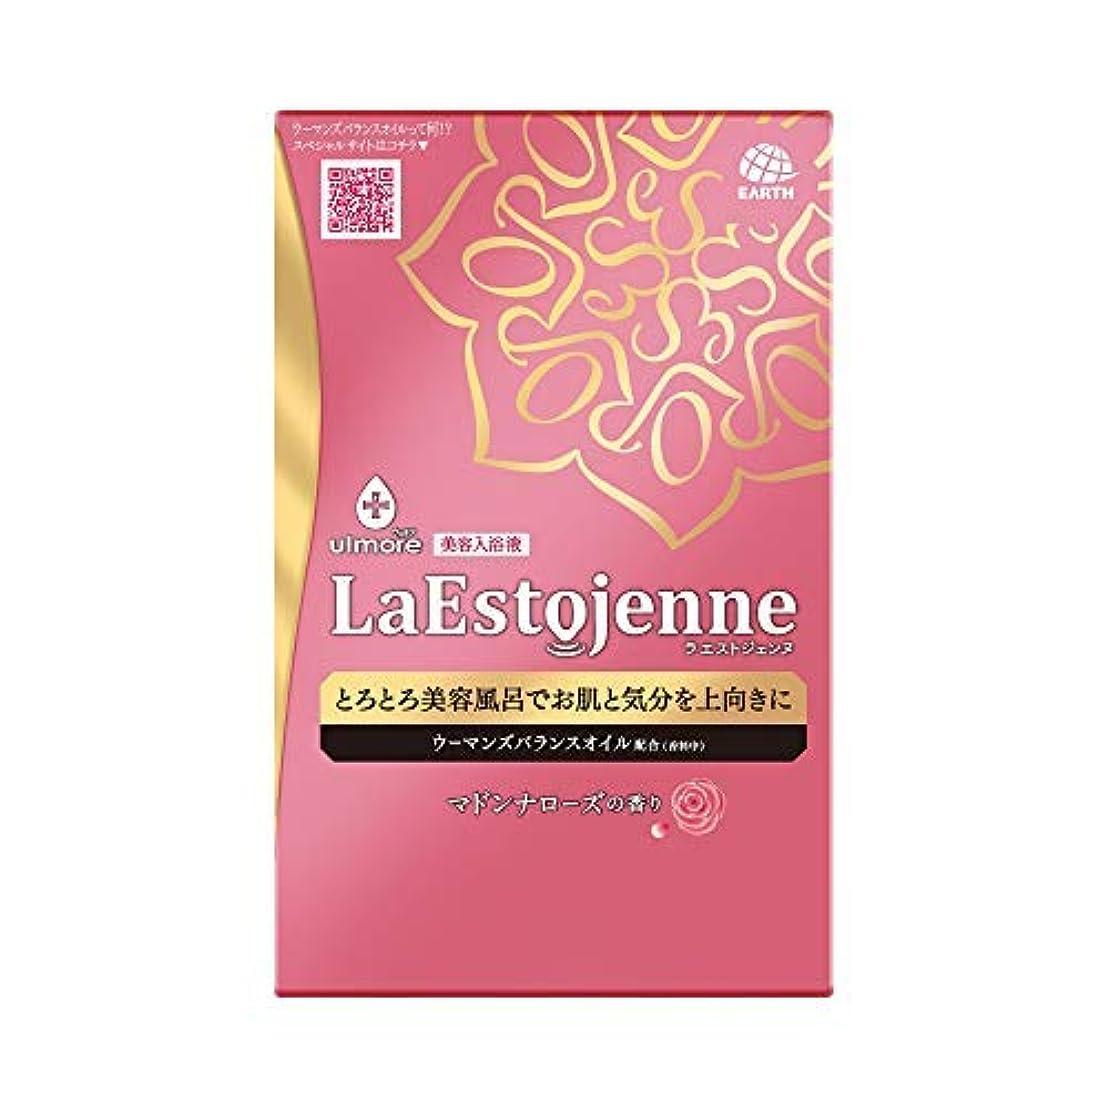 楽観願望怖がらせるウルモア ラエストジェンヌ マドンナローズの香り 3包入り × 6個セット